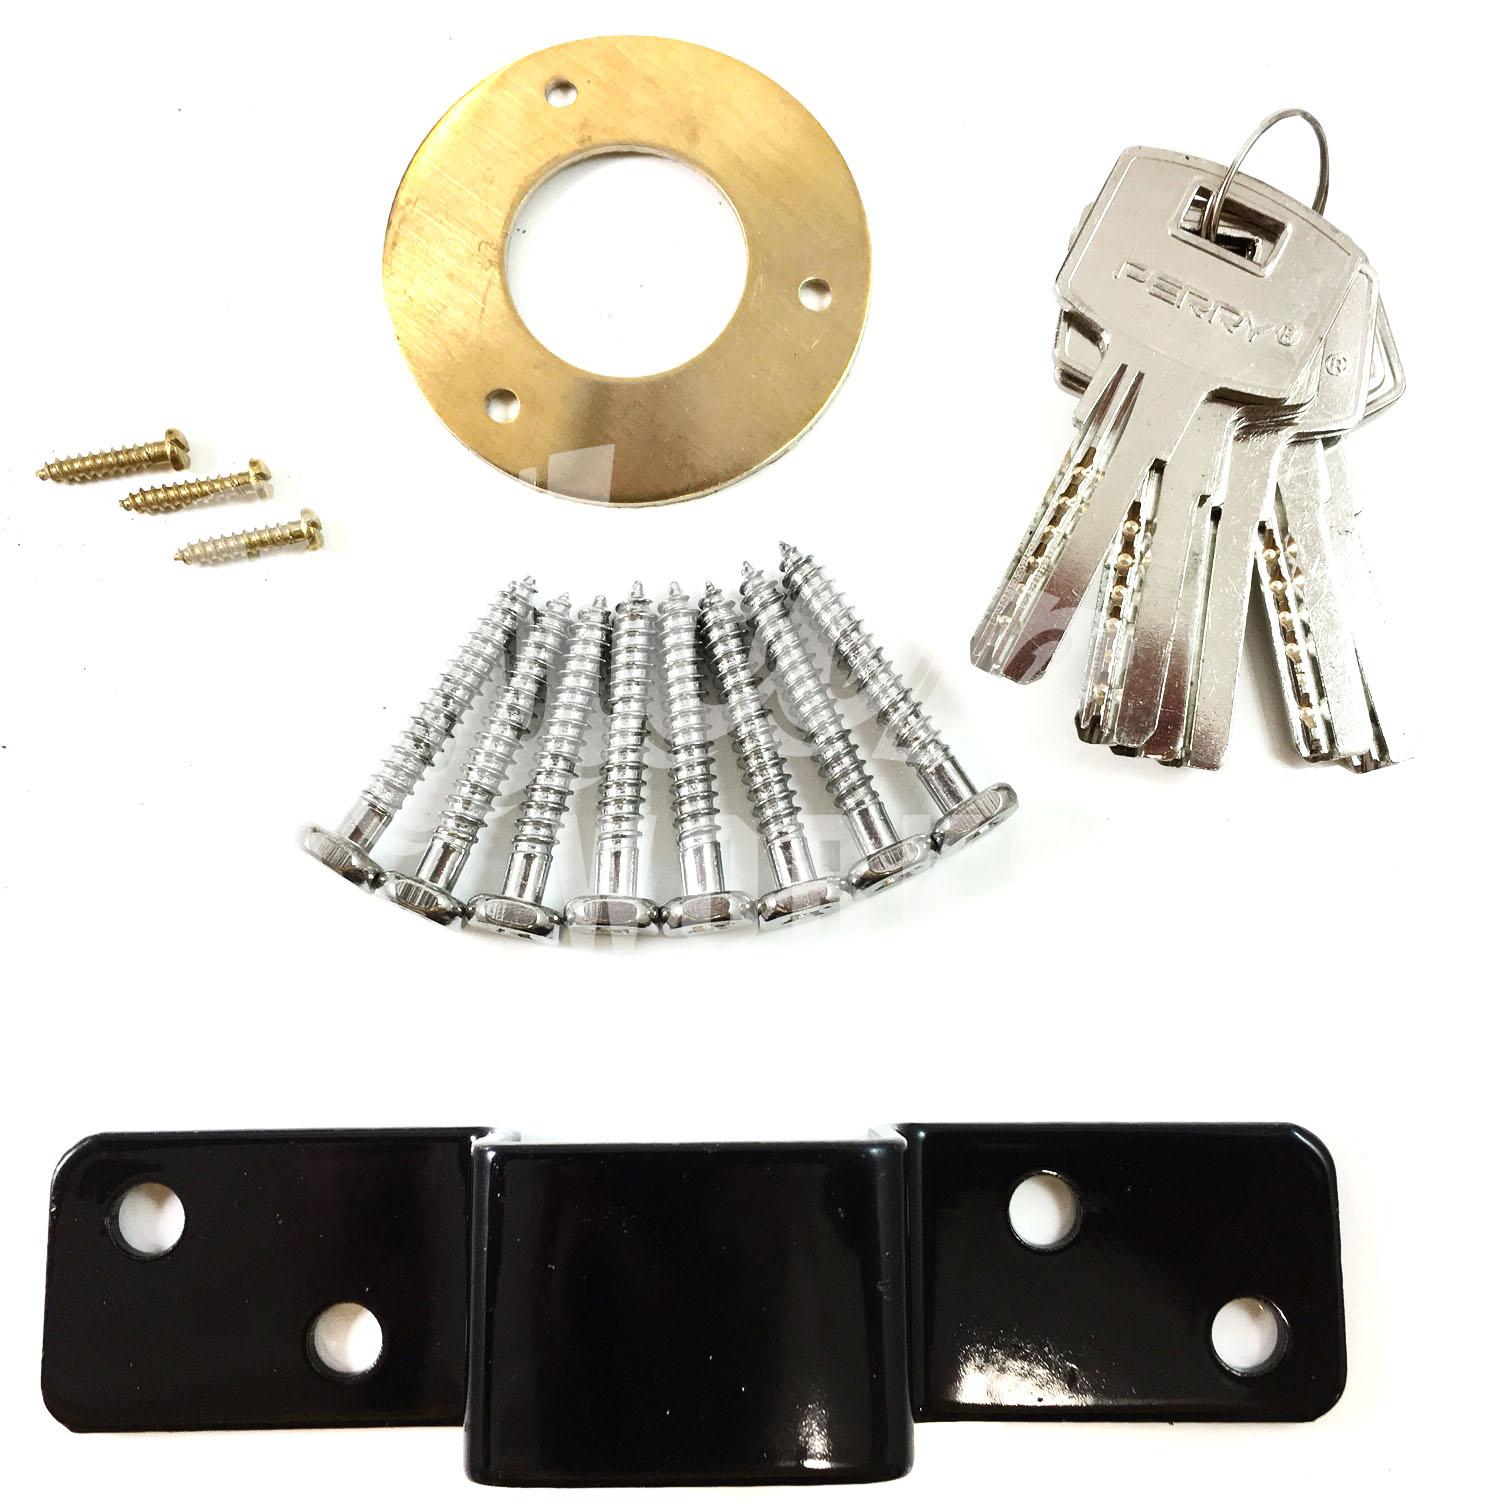 Long Lever Locking Locking Bar : Gate door lock pull handle double locking long throw